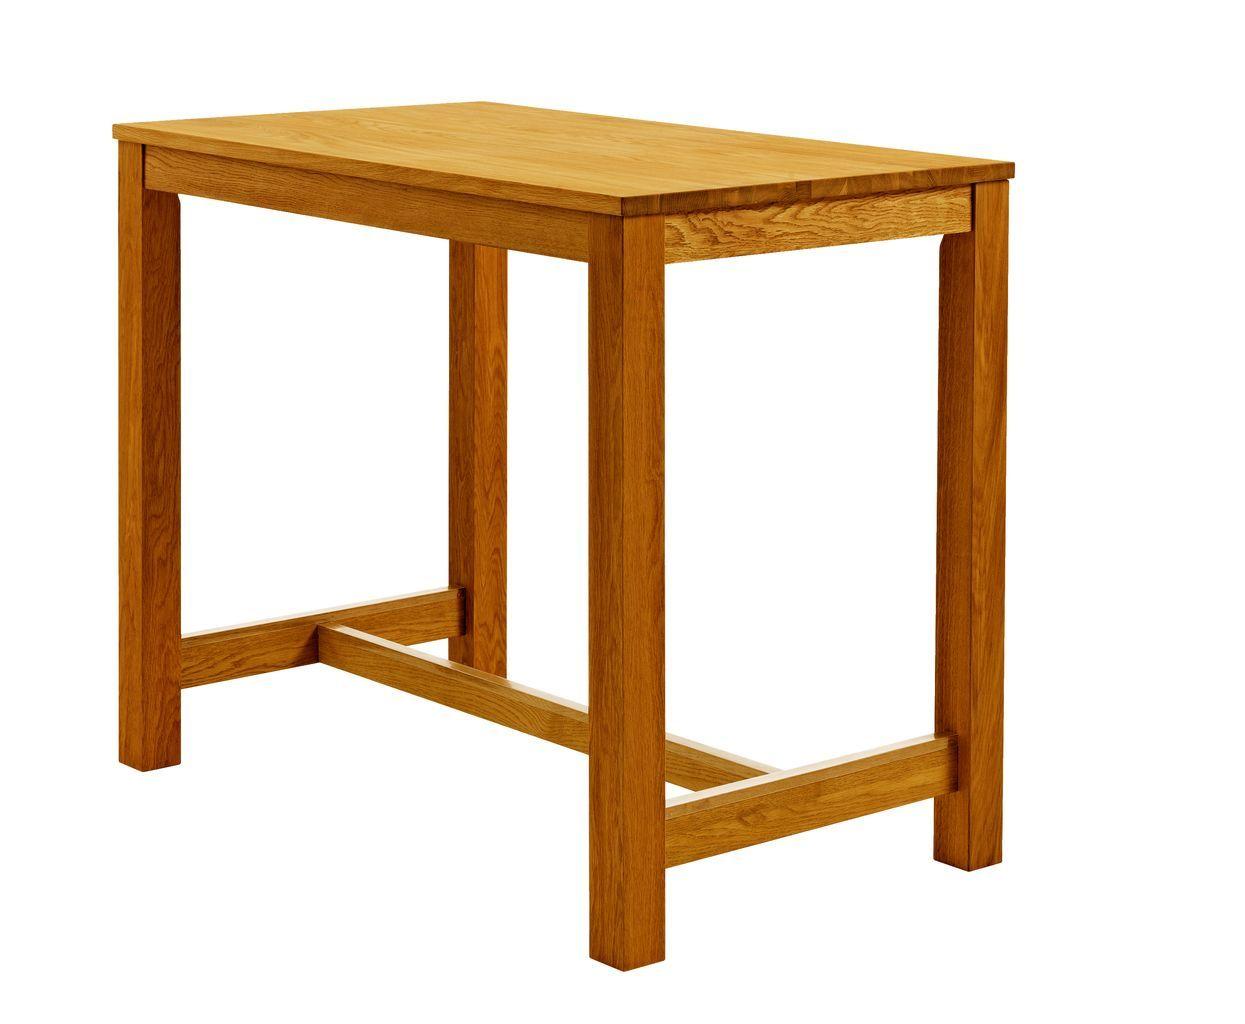 Bárasztal Silkeborg 70x120 Tölgy Jysk